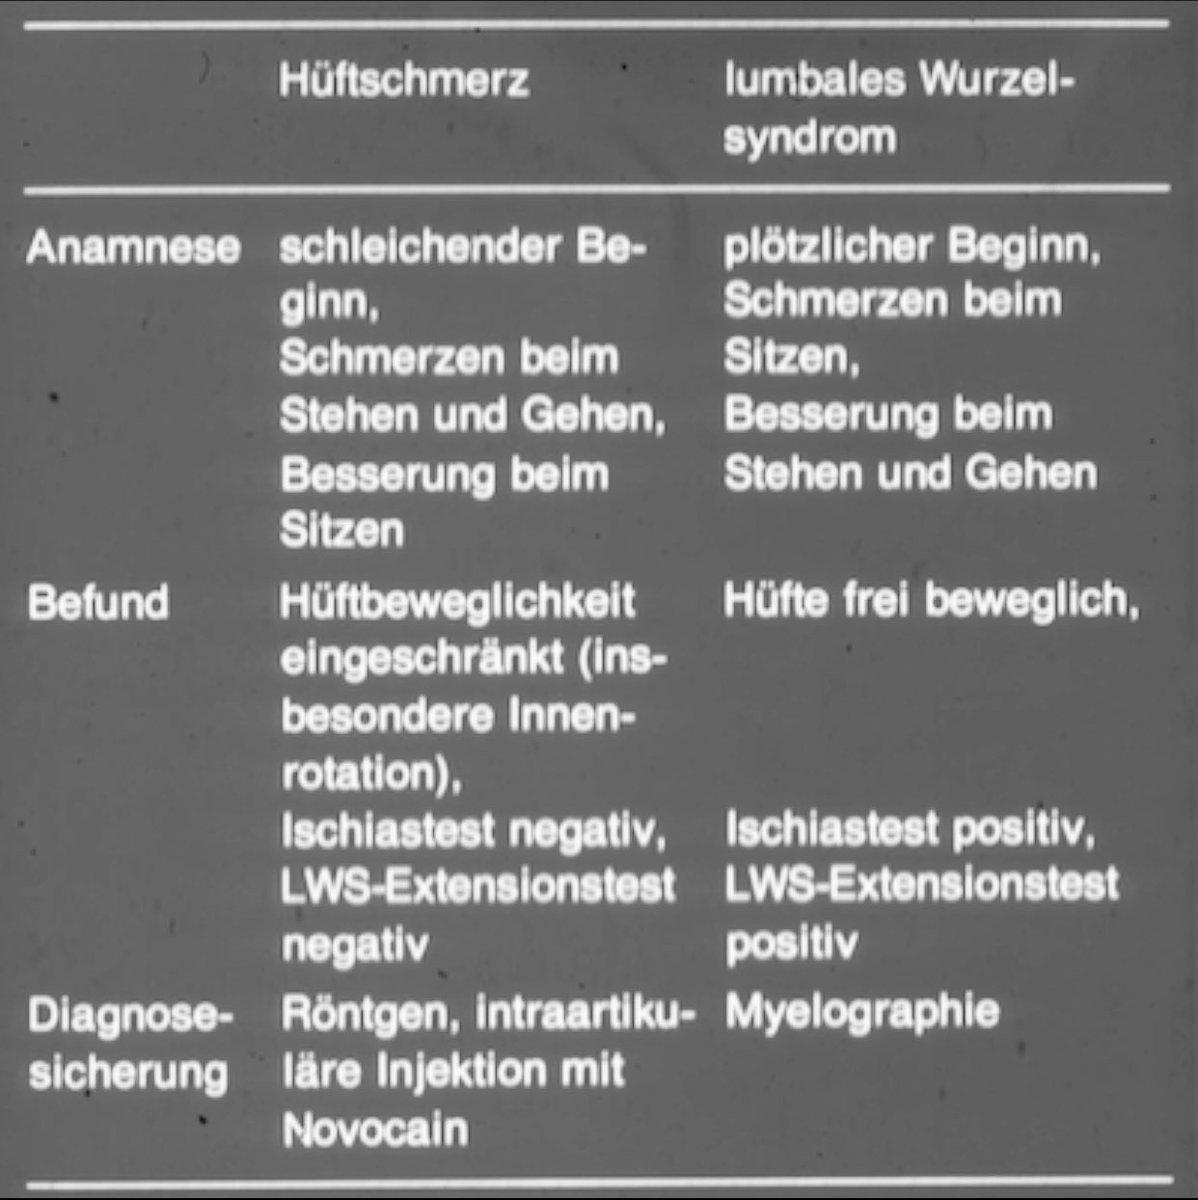 🤓Differentialdiagnose #Hüftschmerz vs. lumbales #Wurzelsyndrom-Differential diagnosis #hippain vs. #lumbar root nerve disorder  Credit: Dr A. Koulousakis  #chronischeschmerzen #rückenschmerzen #neurochirurgie #funktionelleneurochirurgie #FBSS #backpain #chronicpain #neurosurgery